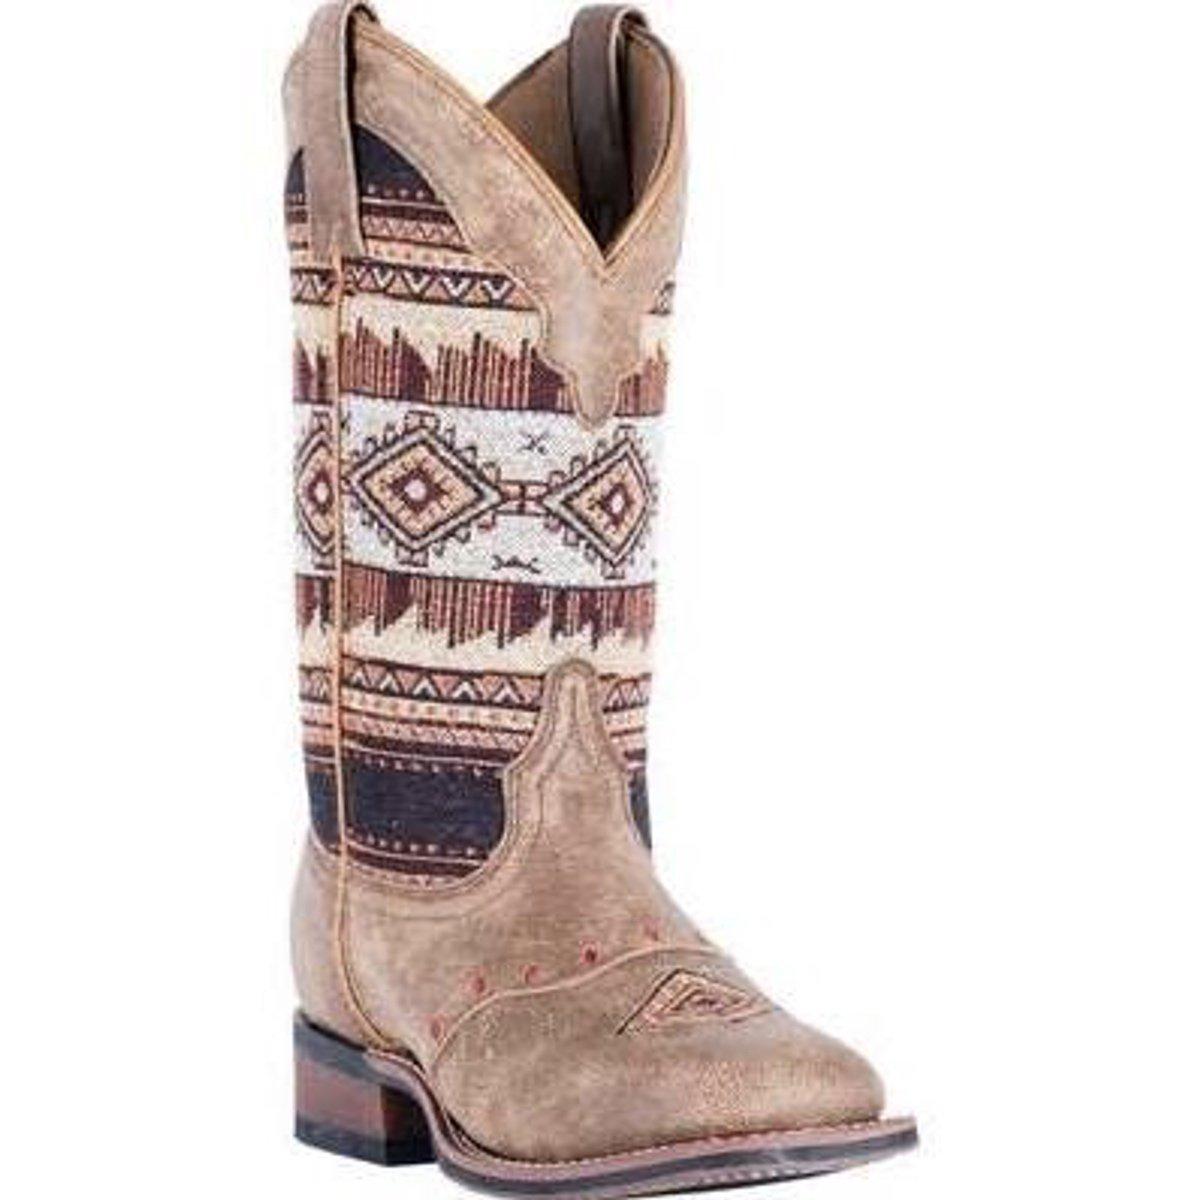 Laredo Women's Scout Tan 5638 Aztec Square Toe Boot 5638 Tan B0723BWZY3 8.5 B(M) US|Tan/Aztec 7a1f6f